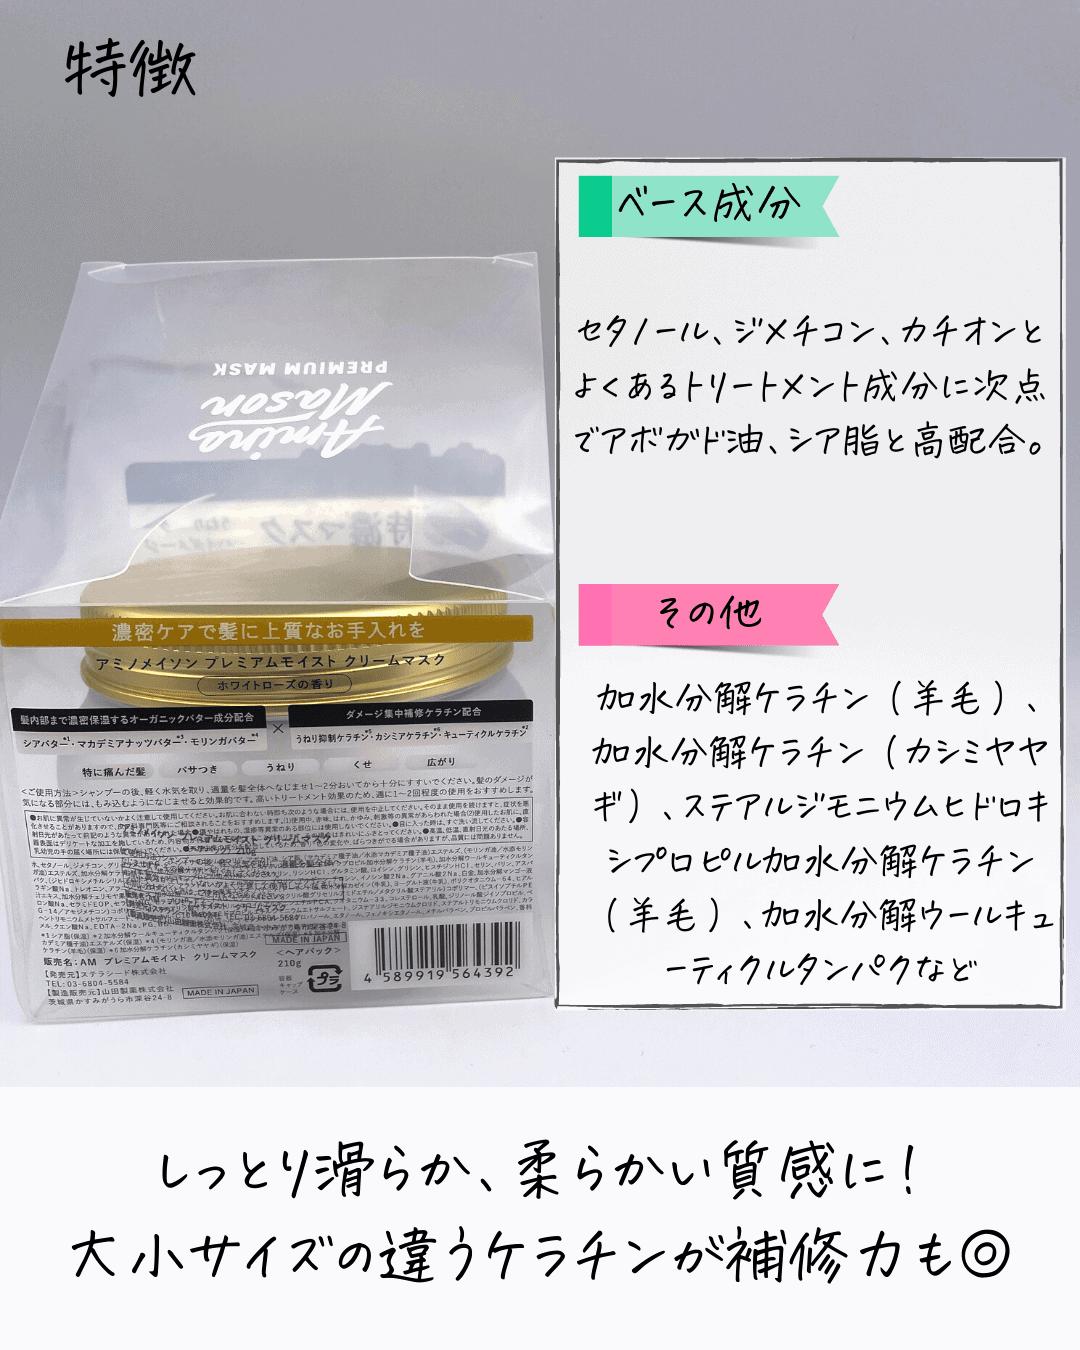 アミノメイソンプレミアムモイストクリームヘアマスクの成分解析